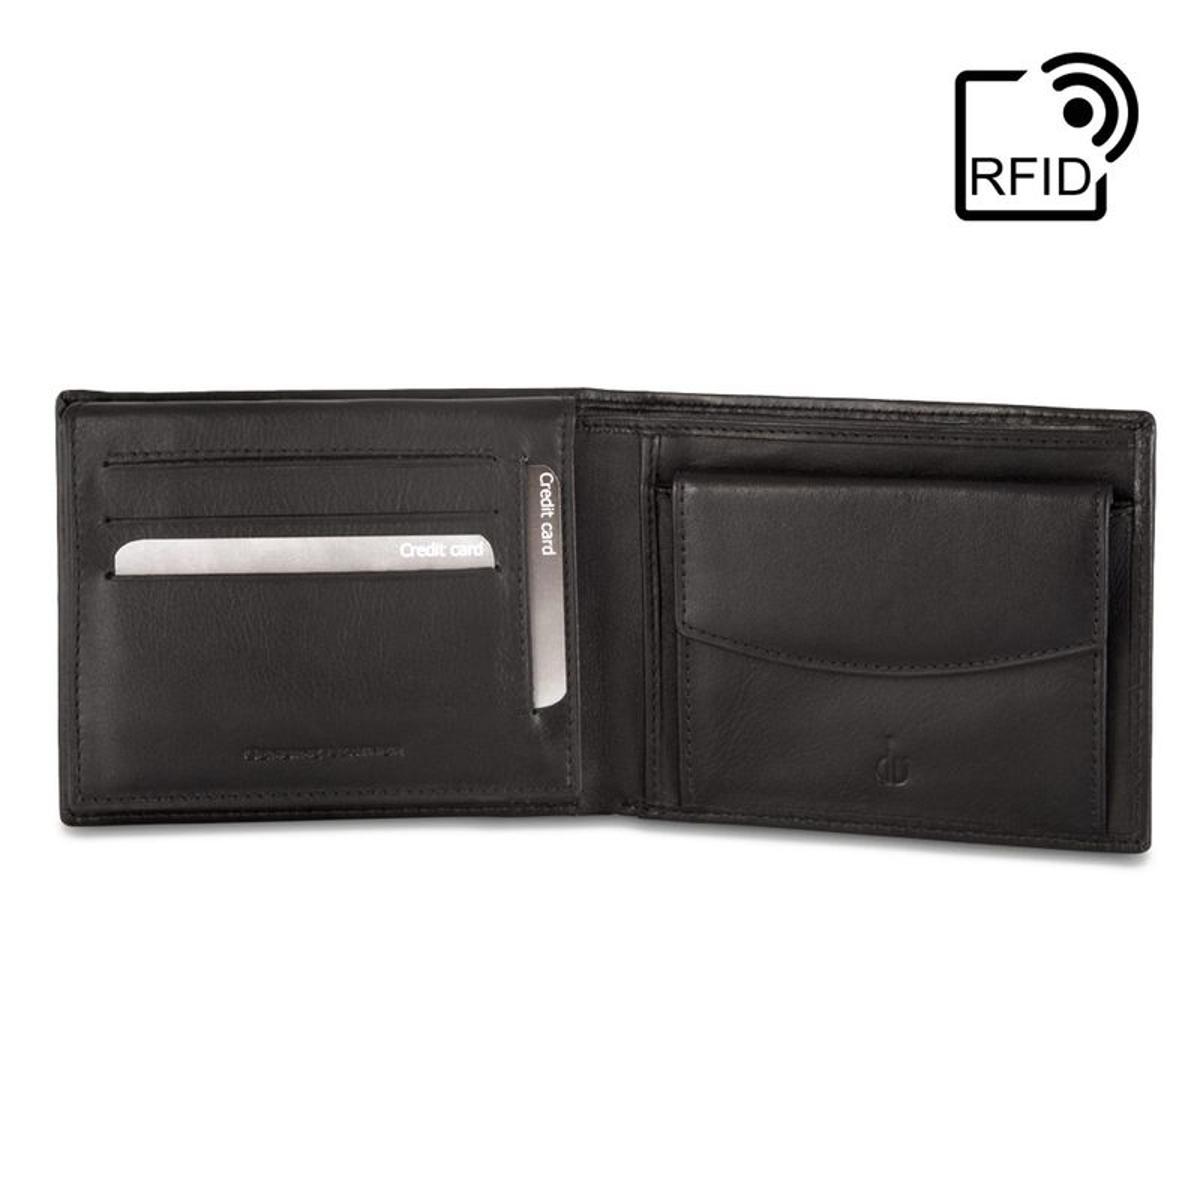 DV Portefeuille pour homme RFID classique en Cuir Véritable Nappa avec Porte-monnaie et fentes pour cartes de crédit